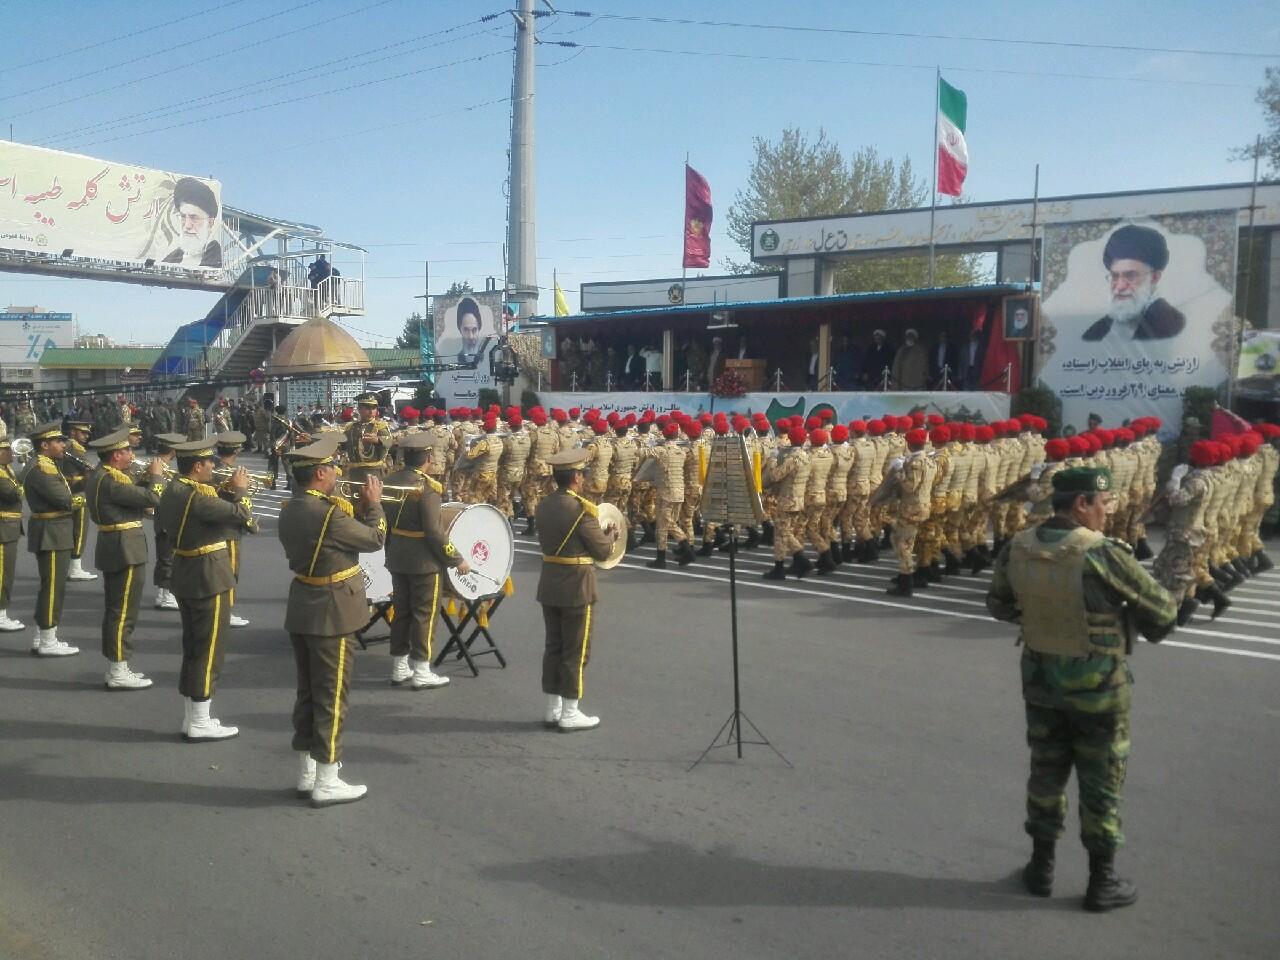 نیروهای مسلح همچون بازویی پرتوان، آماده حفاظت از مرزهاست